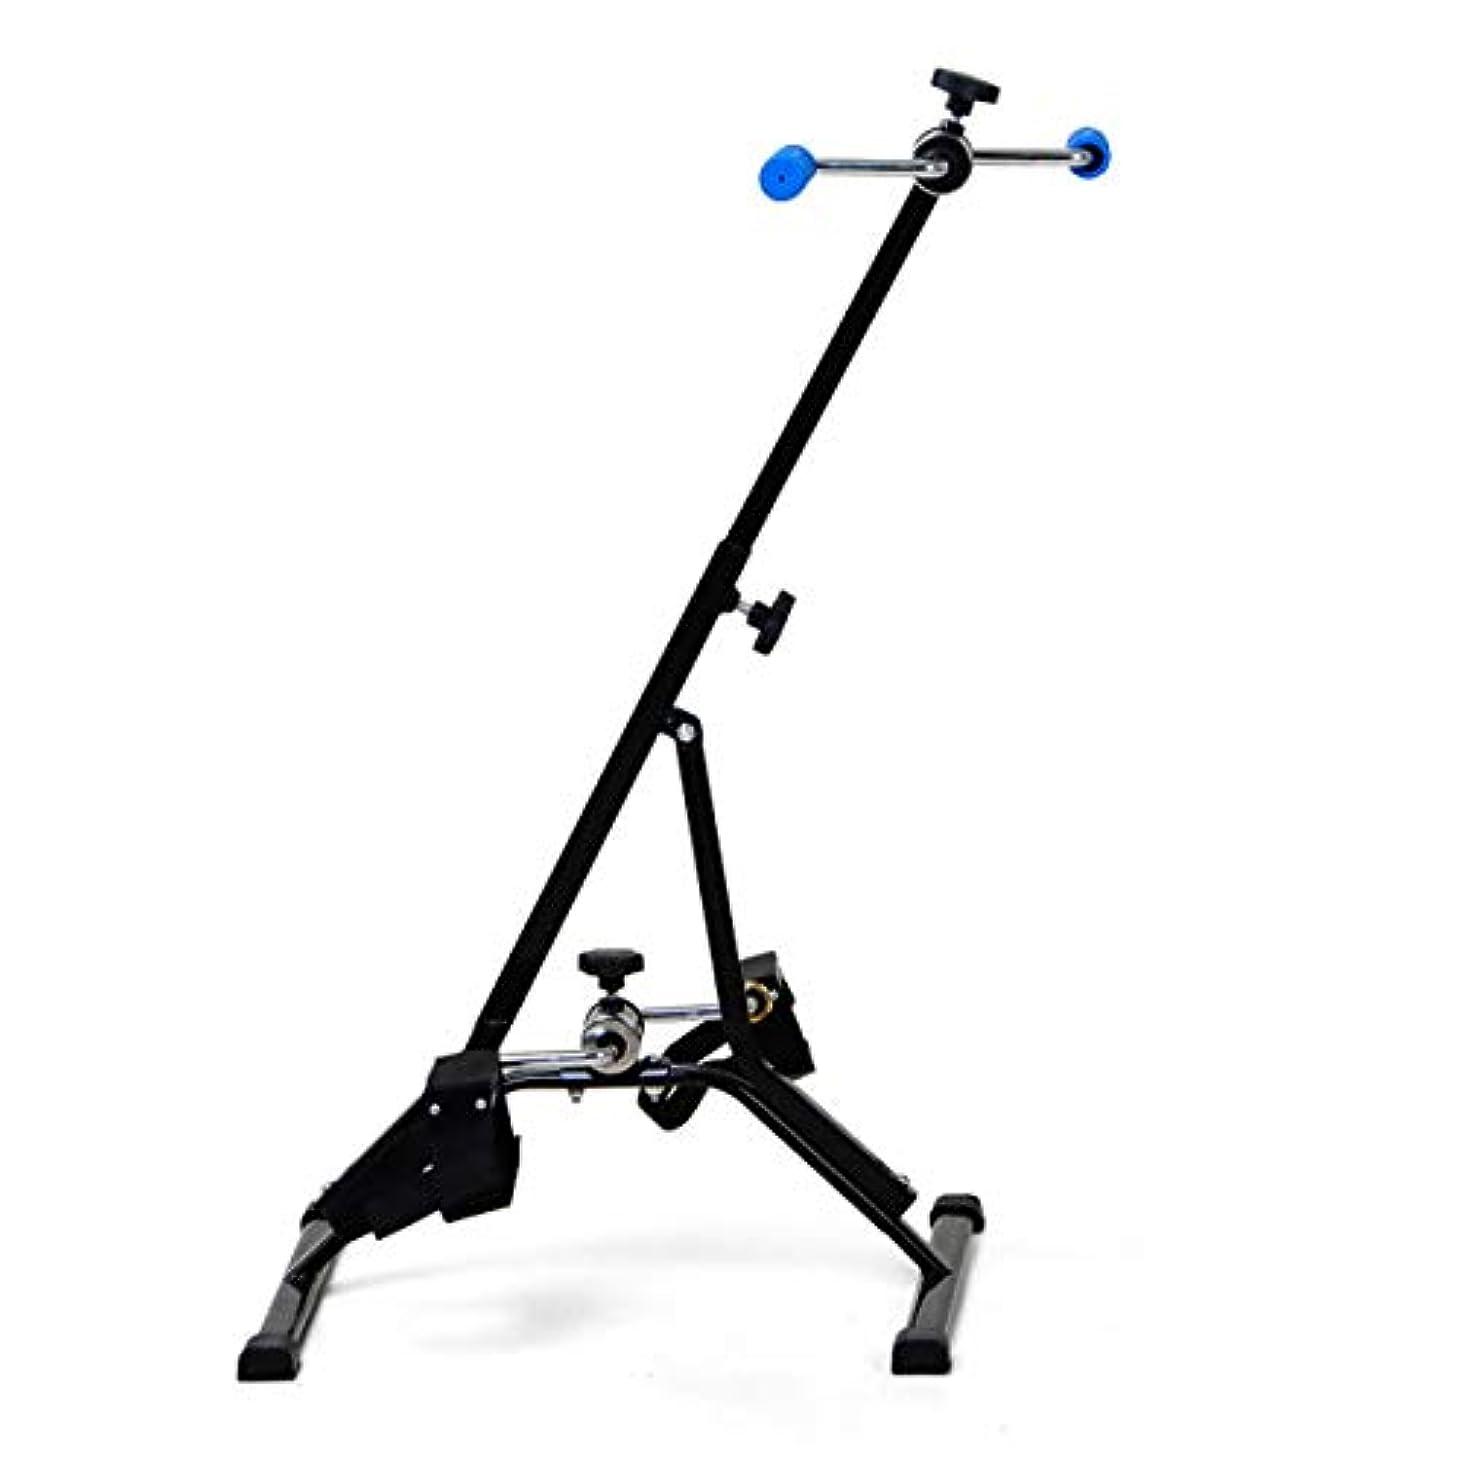 中別れる排泄物リハビリテーション用トレーニングバイク、障害のある高齢者のリハビリテーションのためのトレーニングツール、レッグアームペダルエクササイザー、運動器具,A